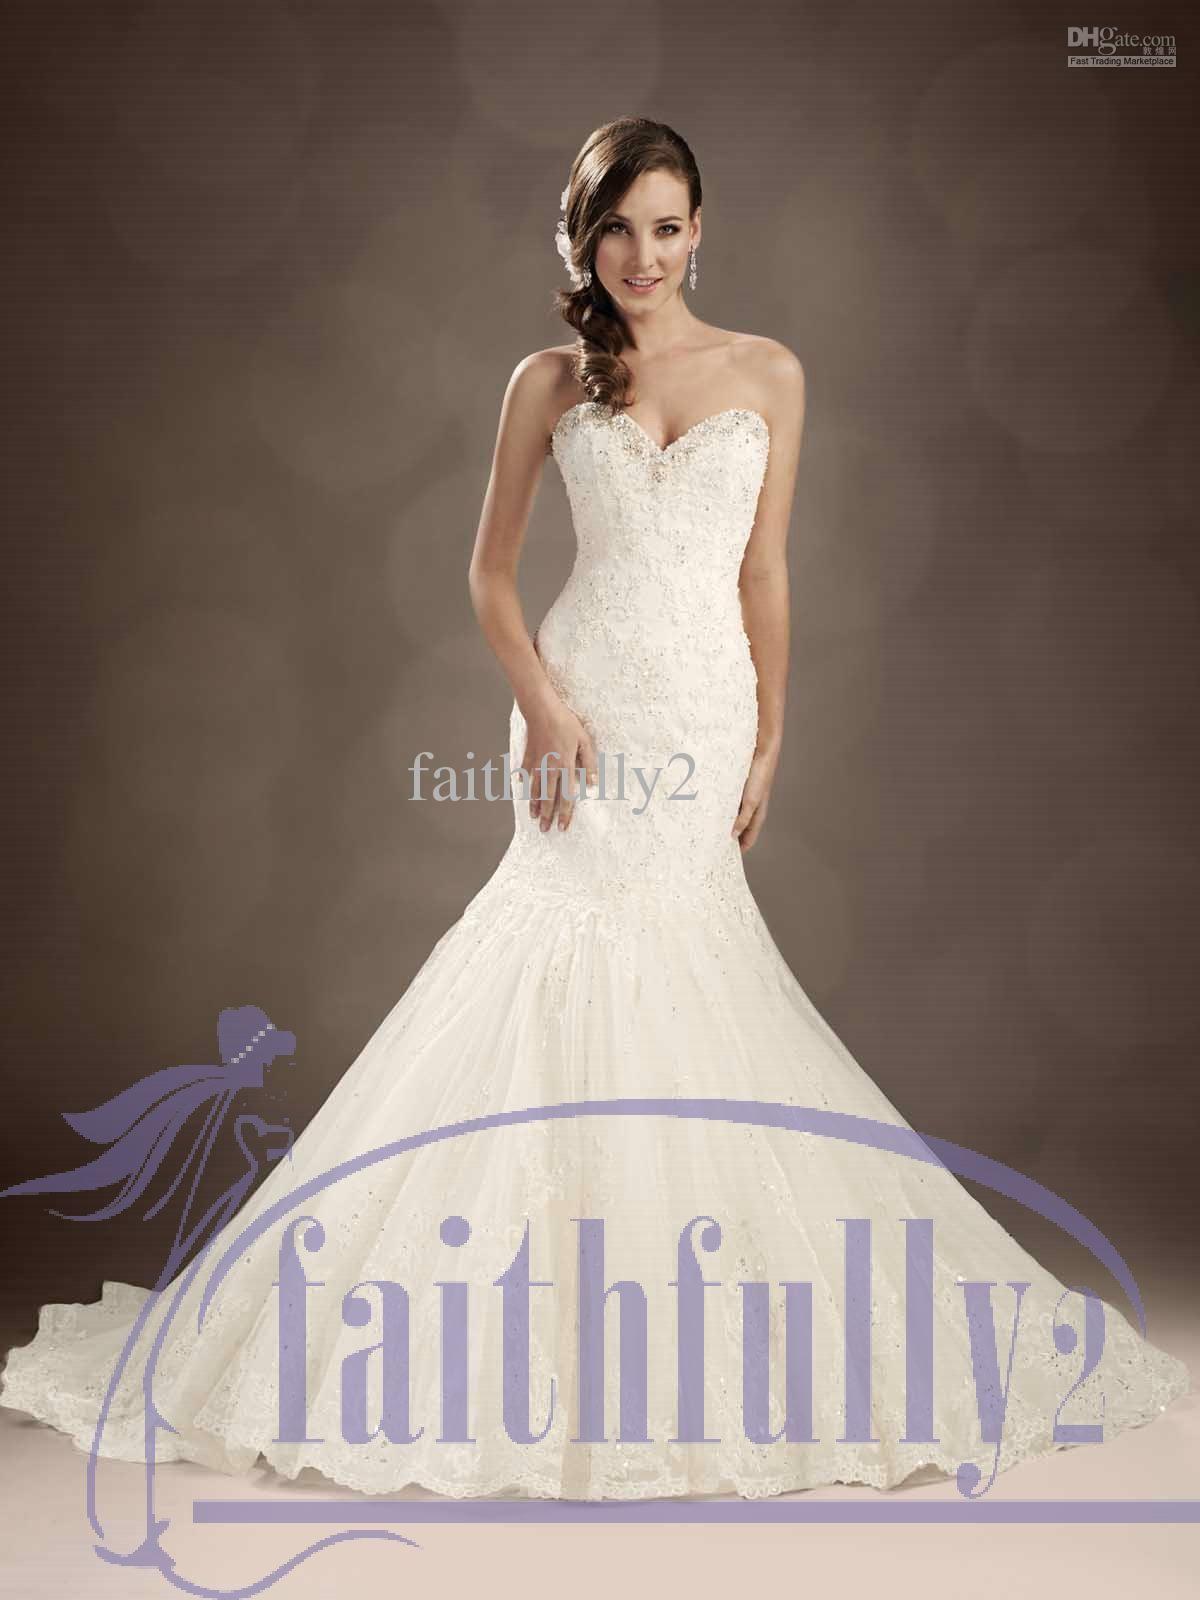 wholesale wedding dresses buy winter mermaid wedding dresses sweetheart beaded neckline lace corset mockingjay white